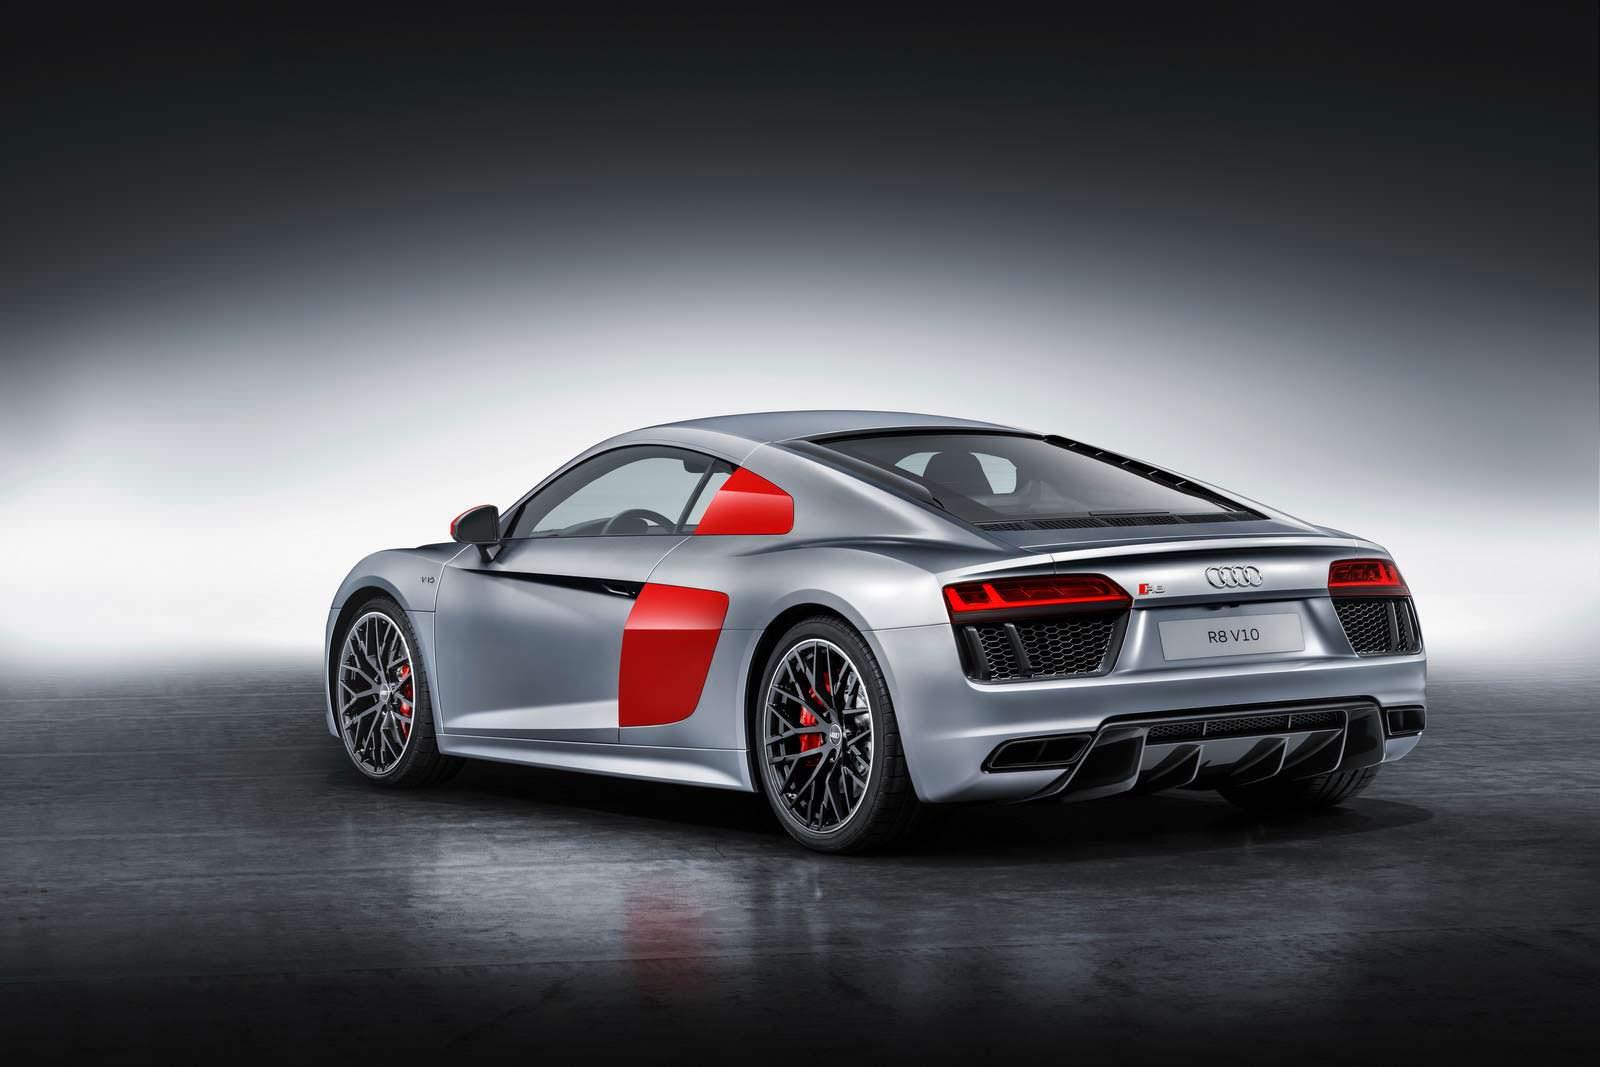 Фото | Новая Audi R8 Audi Sport. Выпустят 200 экземпляров